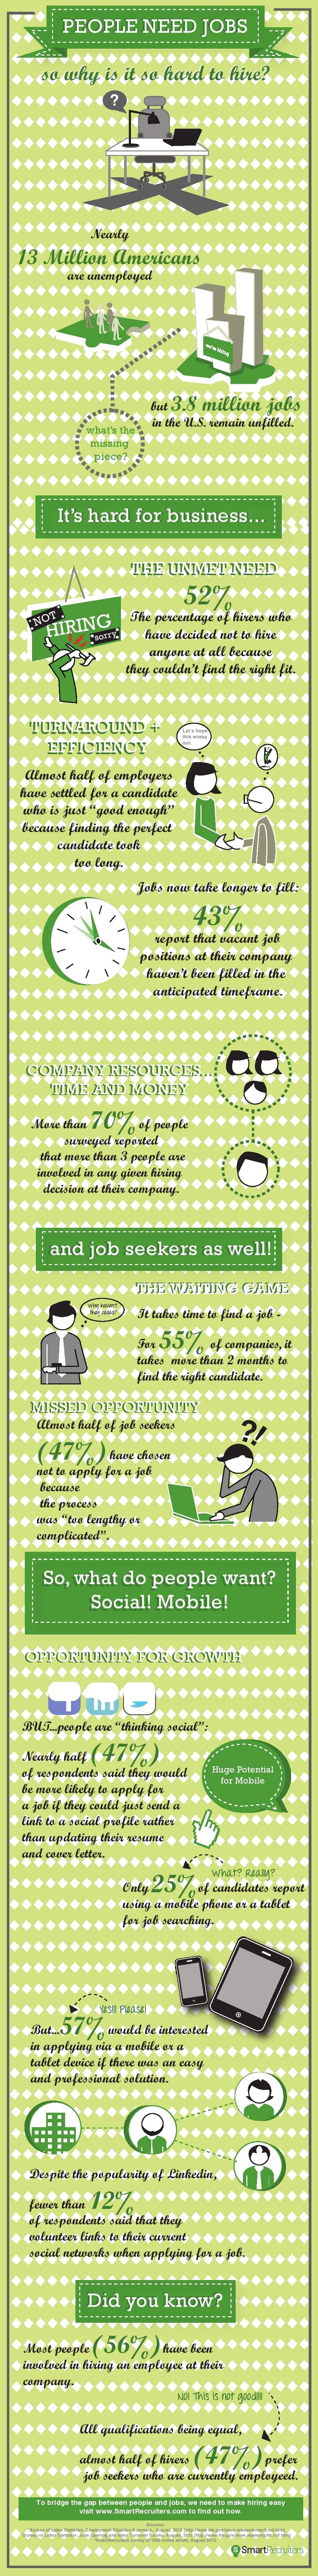 people-needs-jobs-smart-recruiters